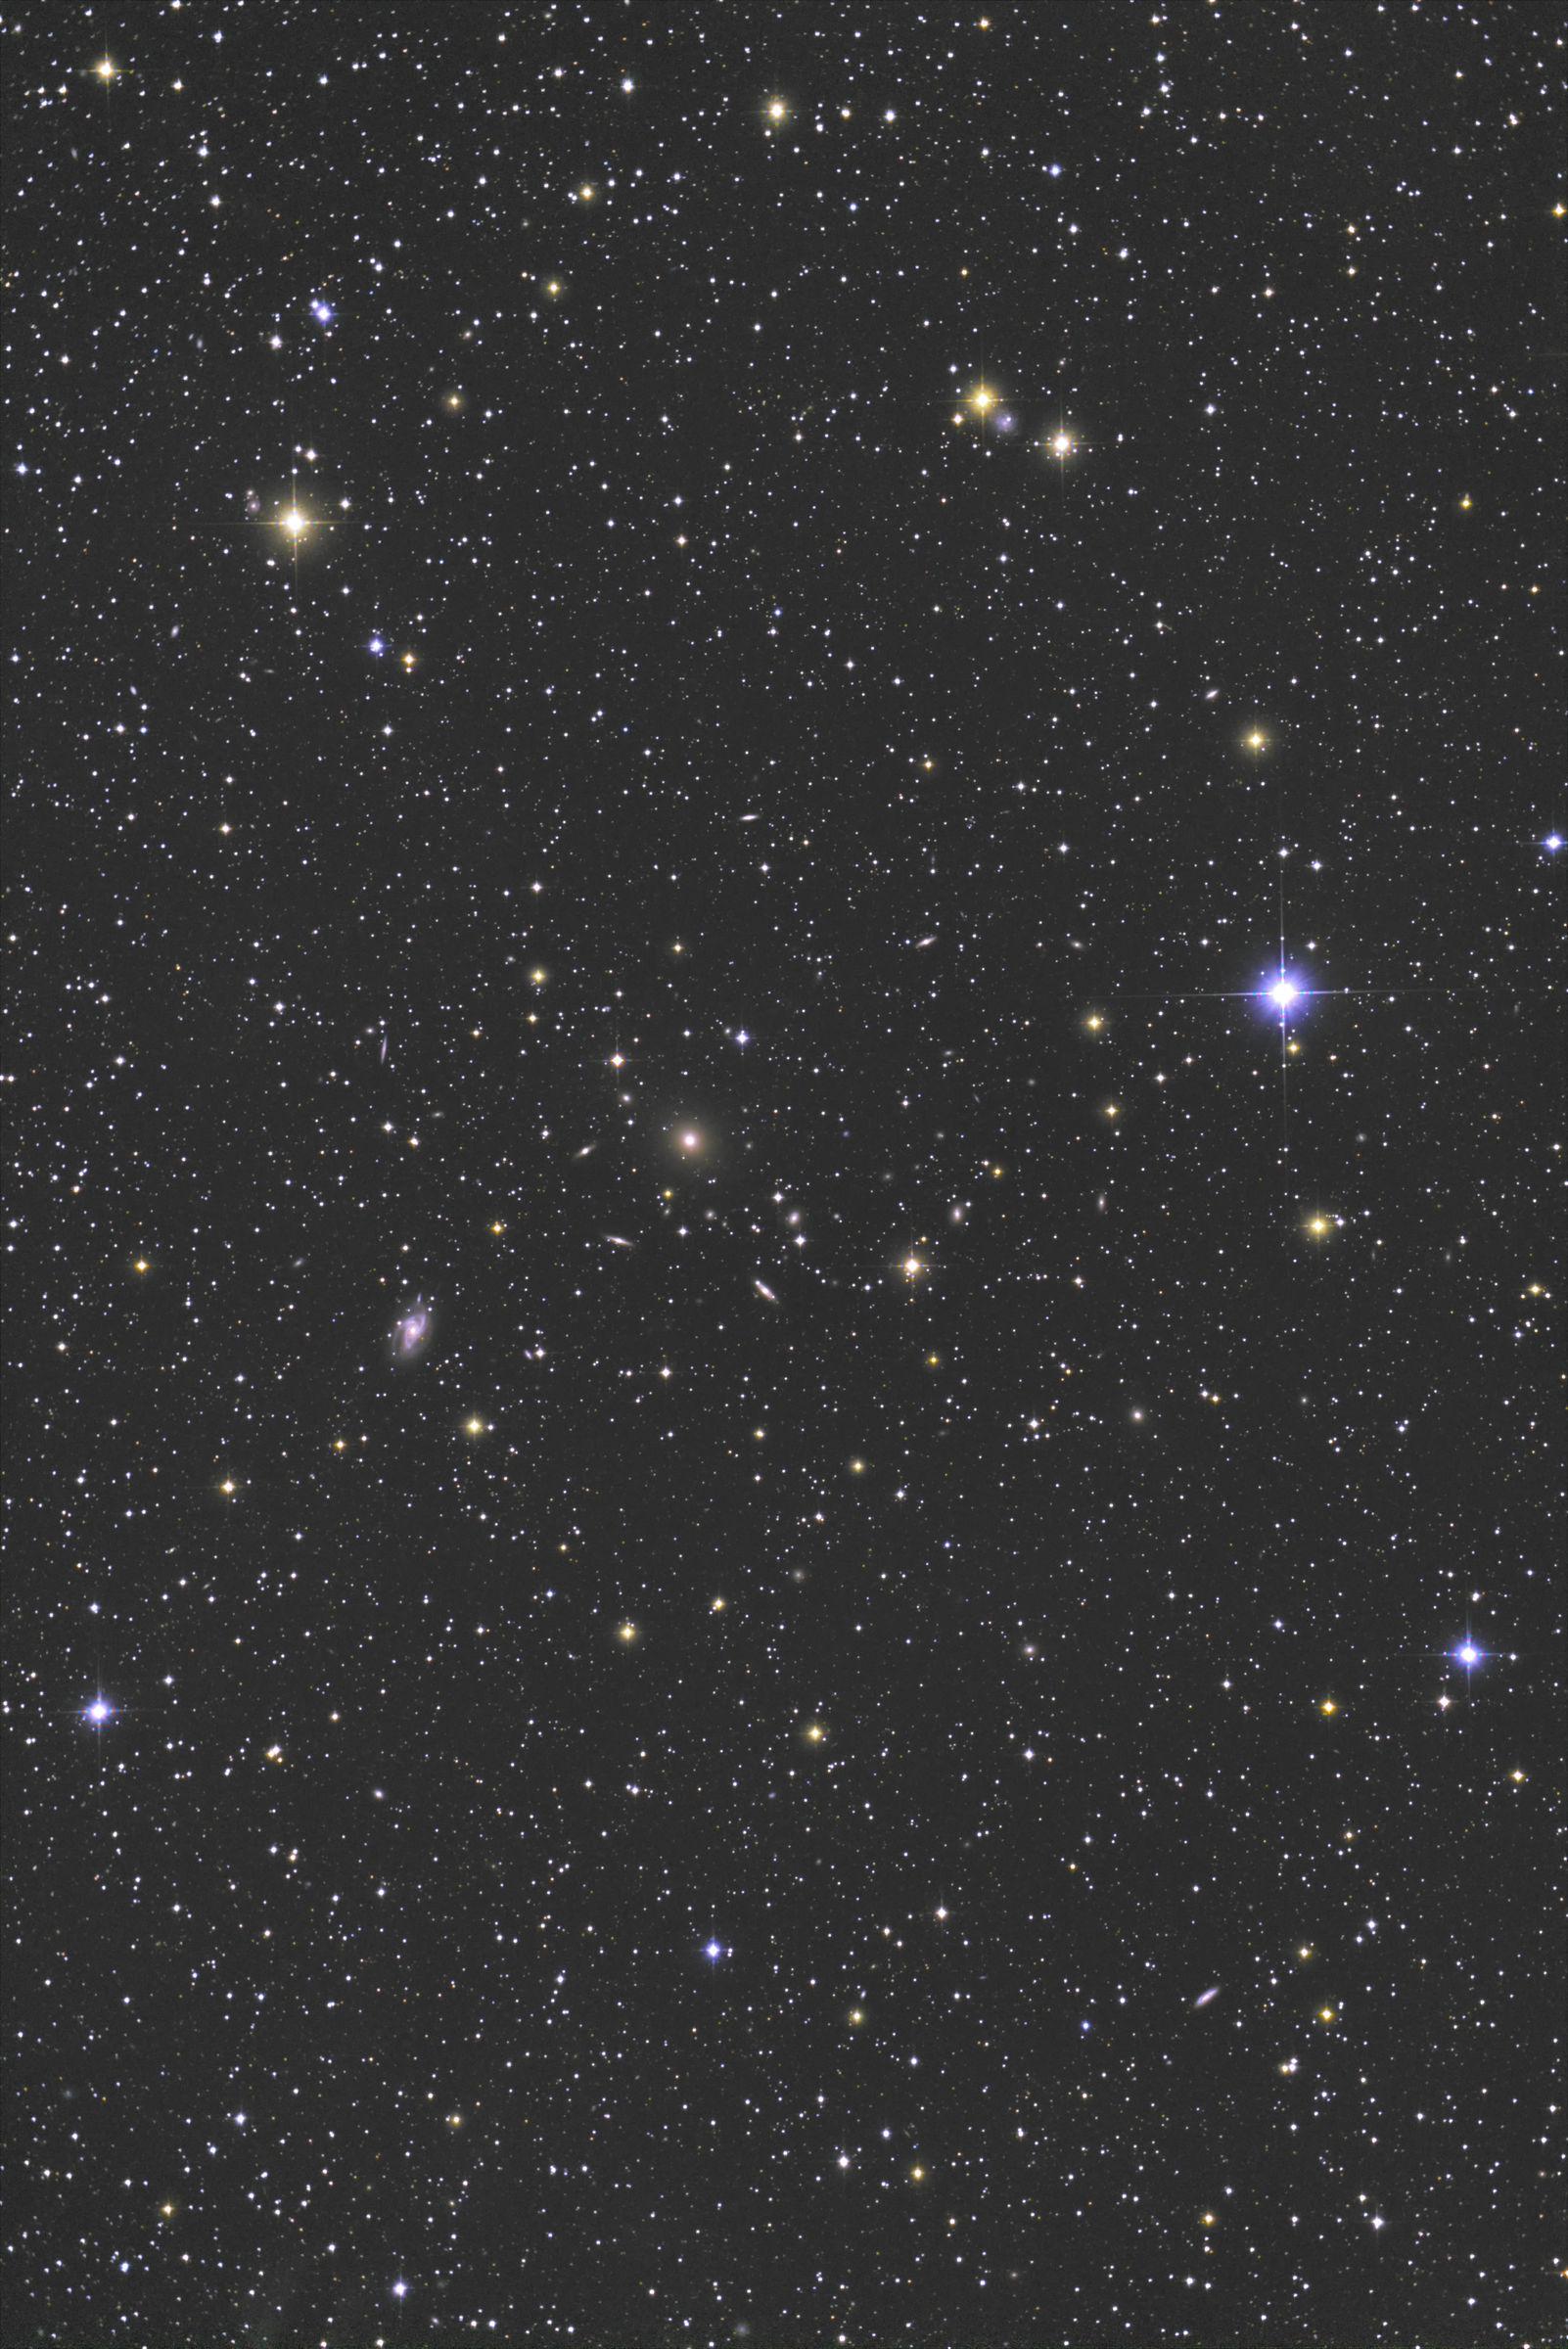 【銀河群】おとめ座 NGC5044銀河群